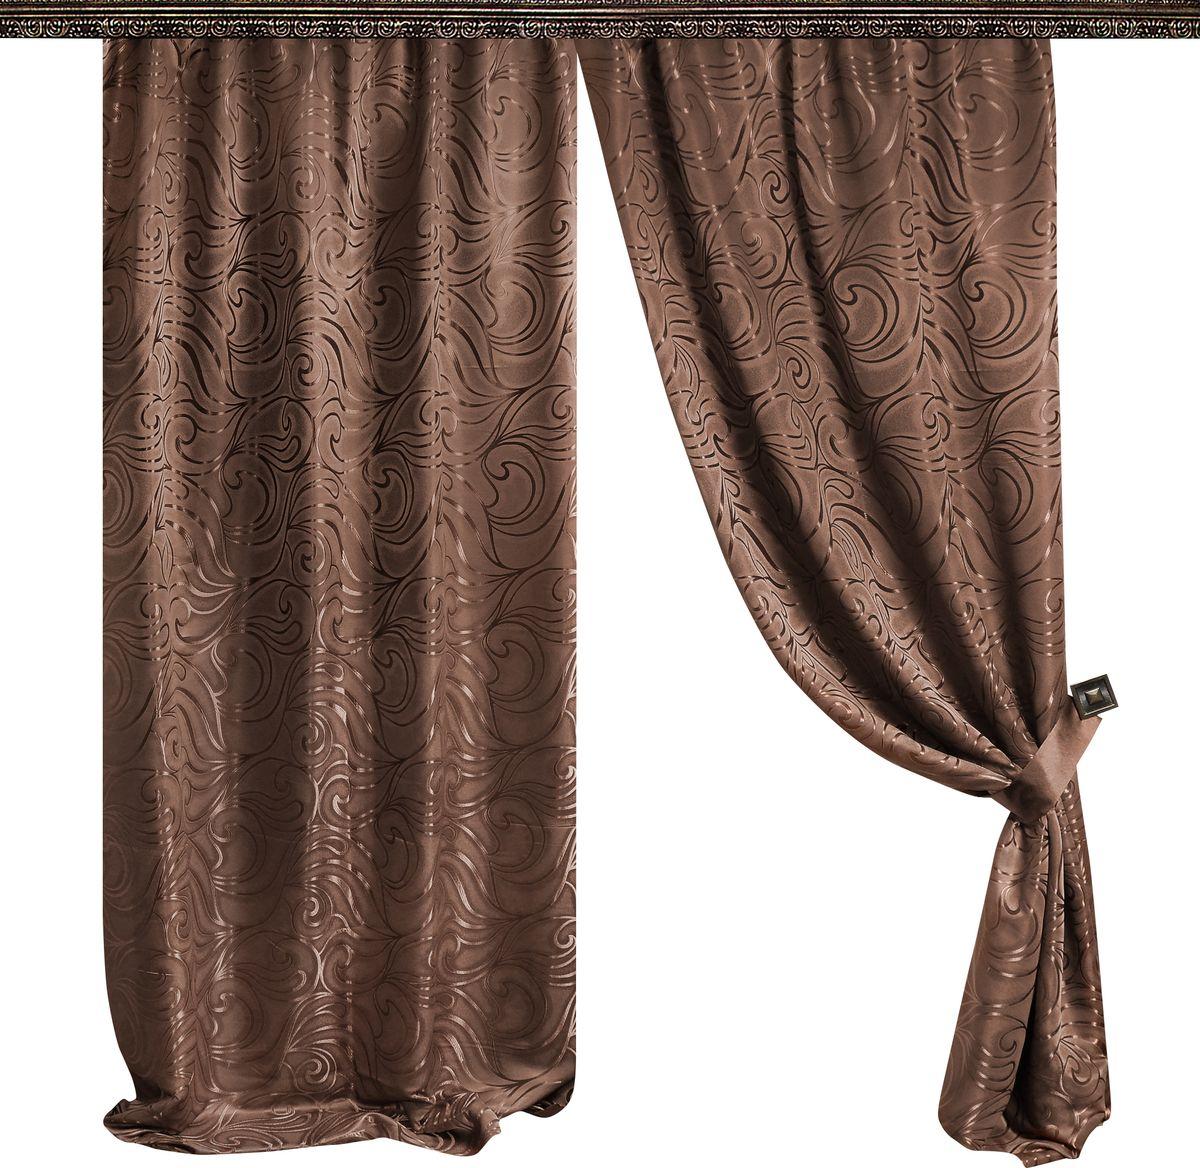 Комплект штор Zlata Korunka, на ленте, цвет: коричневый, высота 265 см. 777013777013Роскошный комплект штор Zlata Korunka комплект состоит из двух портьер и двух подхватов, выполненных из 100% полиэстера, которыевеликолепно украсит любое окно. Плотная ткань, оригинальный орнамент и приятная цветовая гамма привлекут к себе внимание и органично впишутся в интерьерпомещения.Комплект крепится на карниз при помощи шторной ленты, которая поможеткрасиво и равномерно задрапировать верх. Этот комплект будет долгое время радовать вас и вашу семью!В комплект входит:Портьера: 2 шт. Размер (ШхВ): 145 см х 265 см.Подхват: 2 шт.